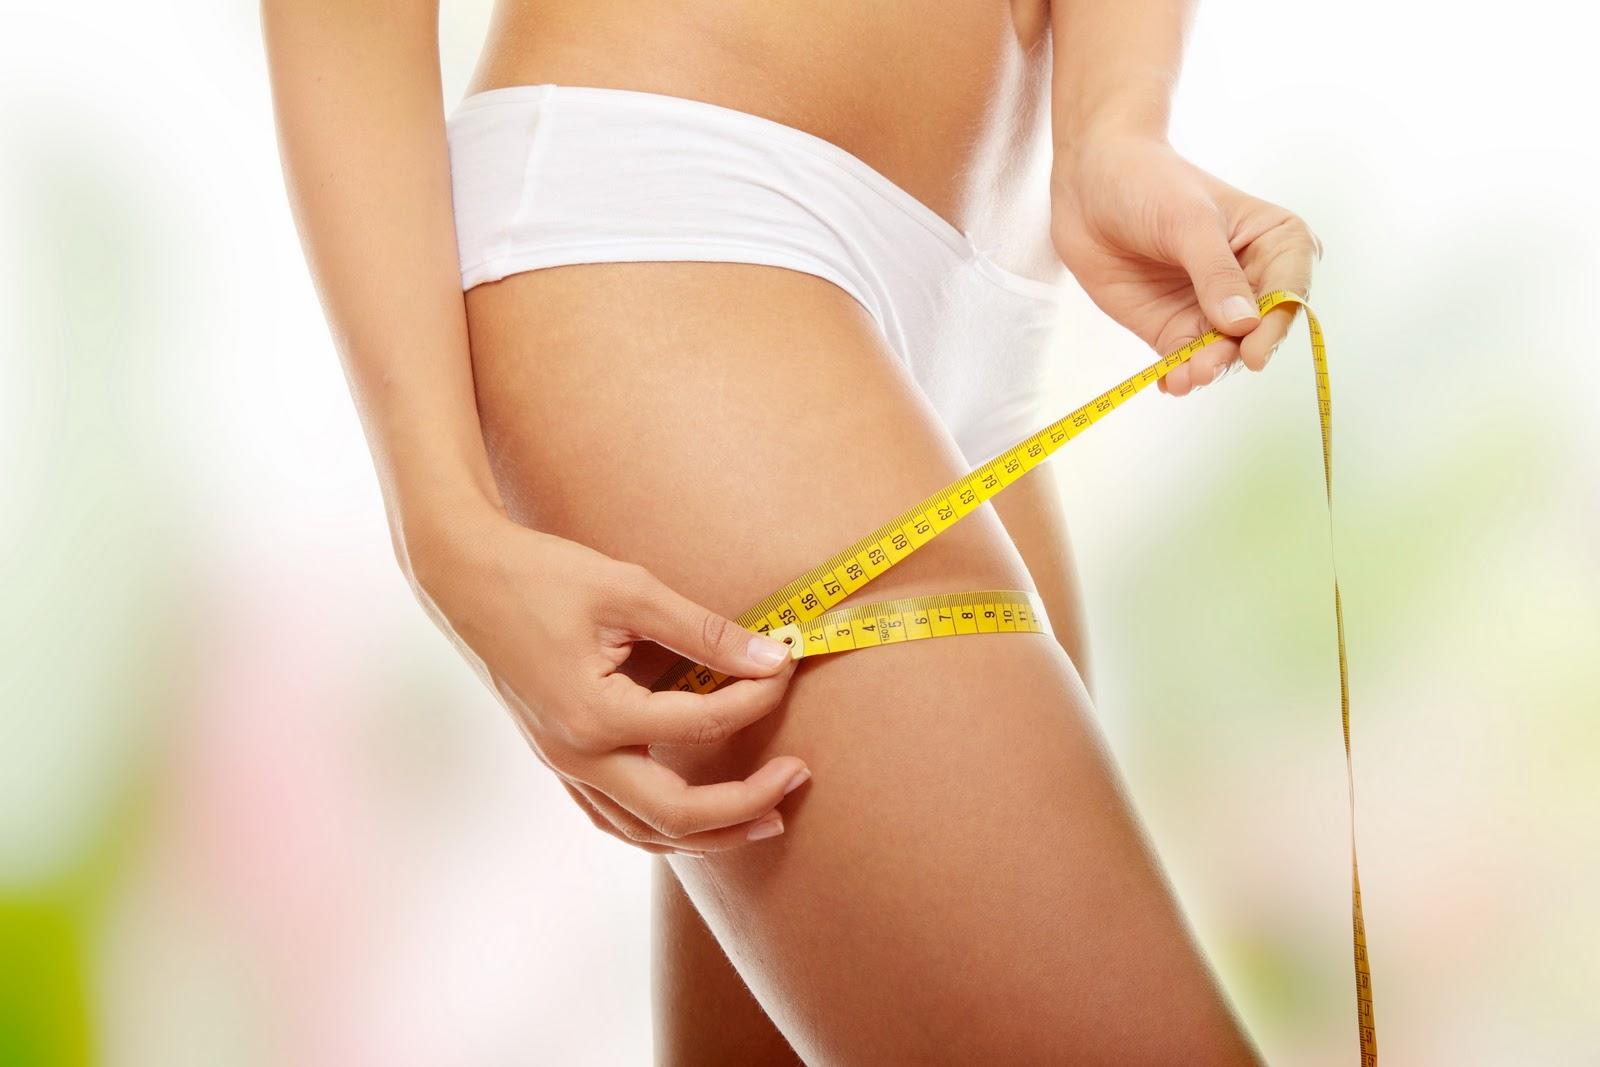 Убрать жир с живота женский форум